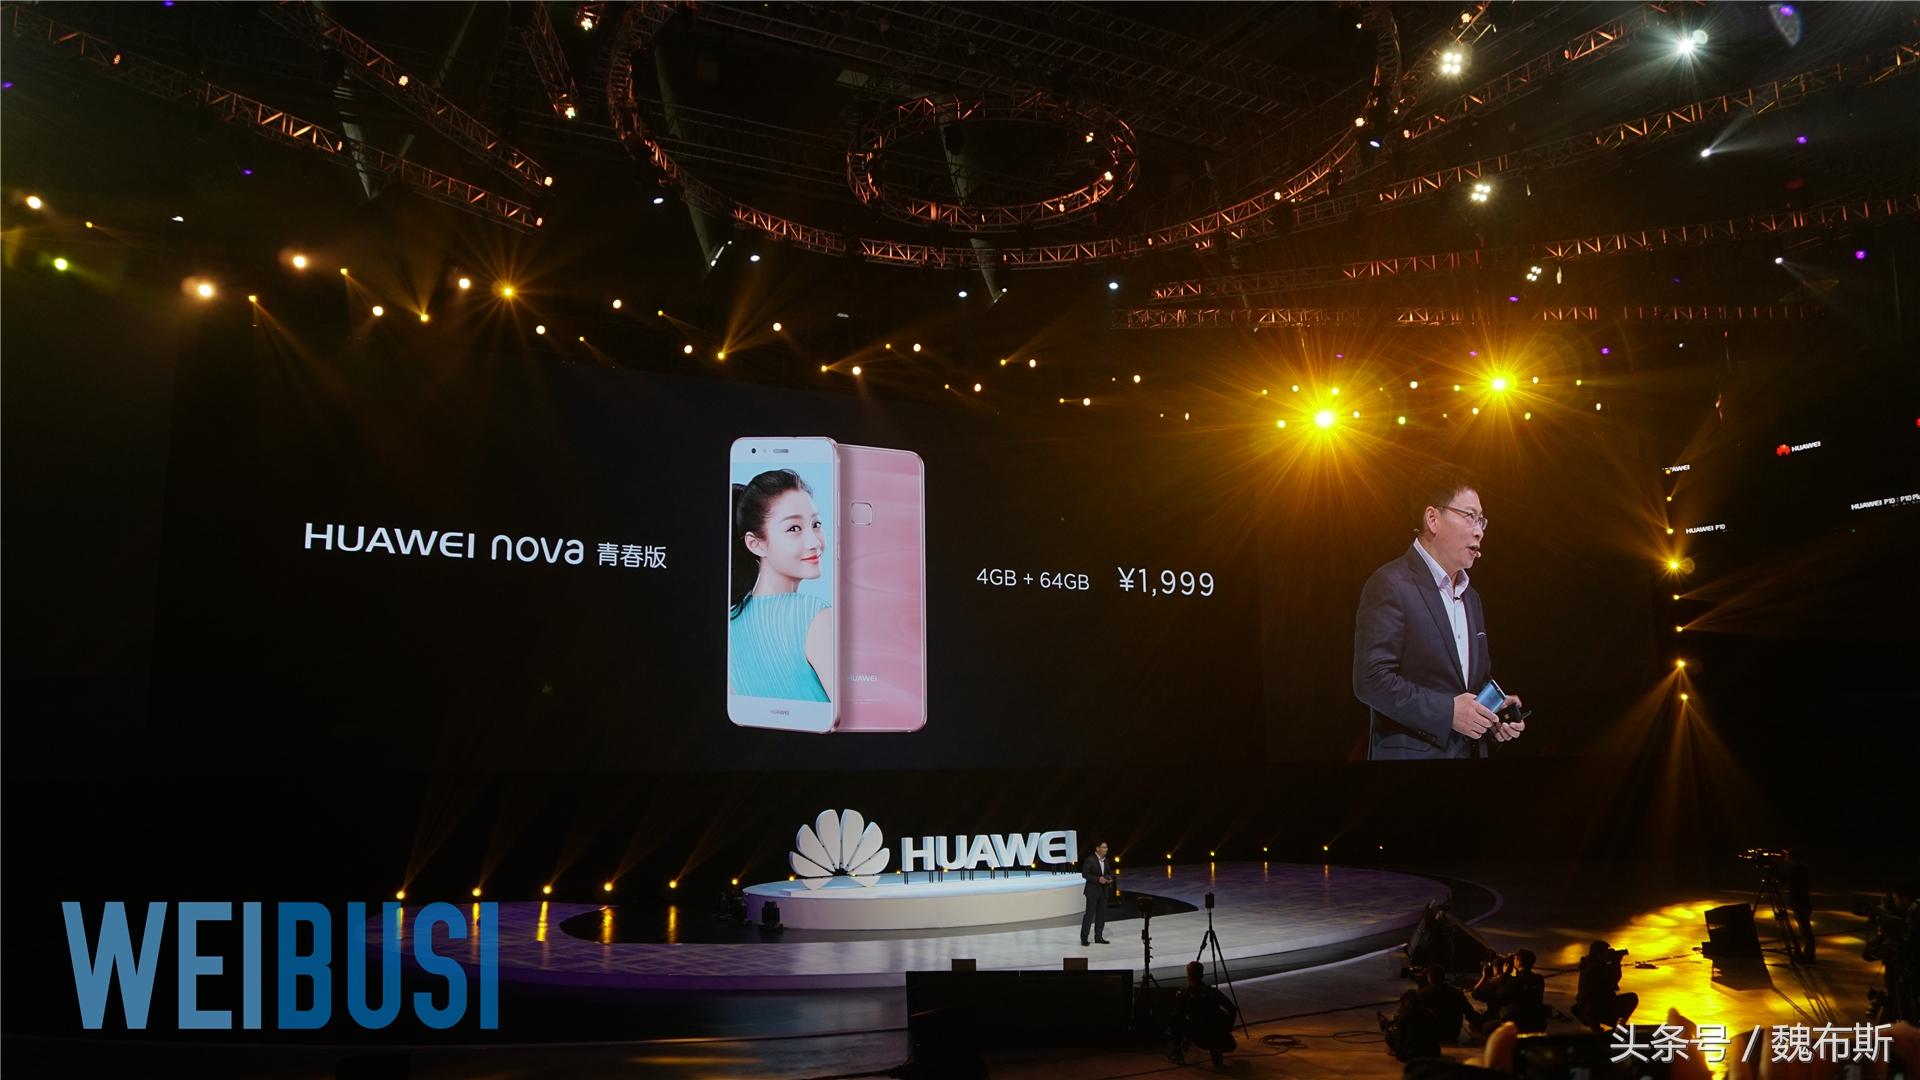 华为公司P10和P10 Plus宣布公布!市场价最少仅为3788元